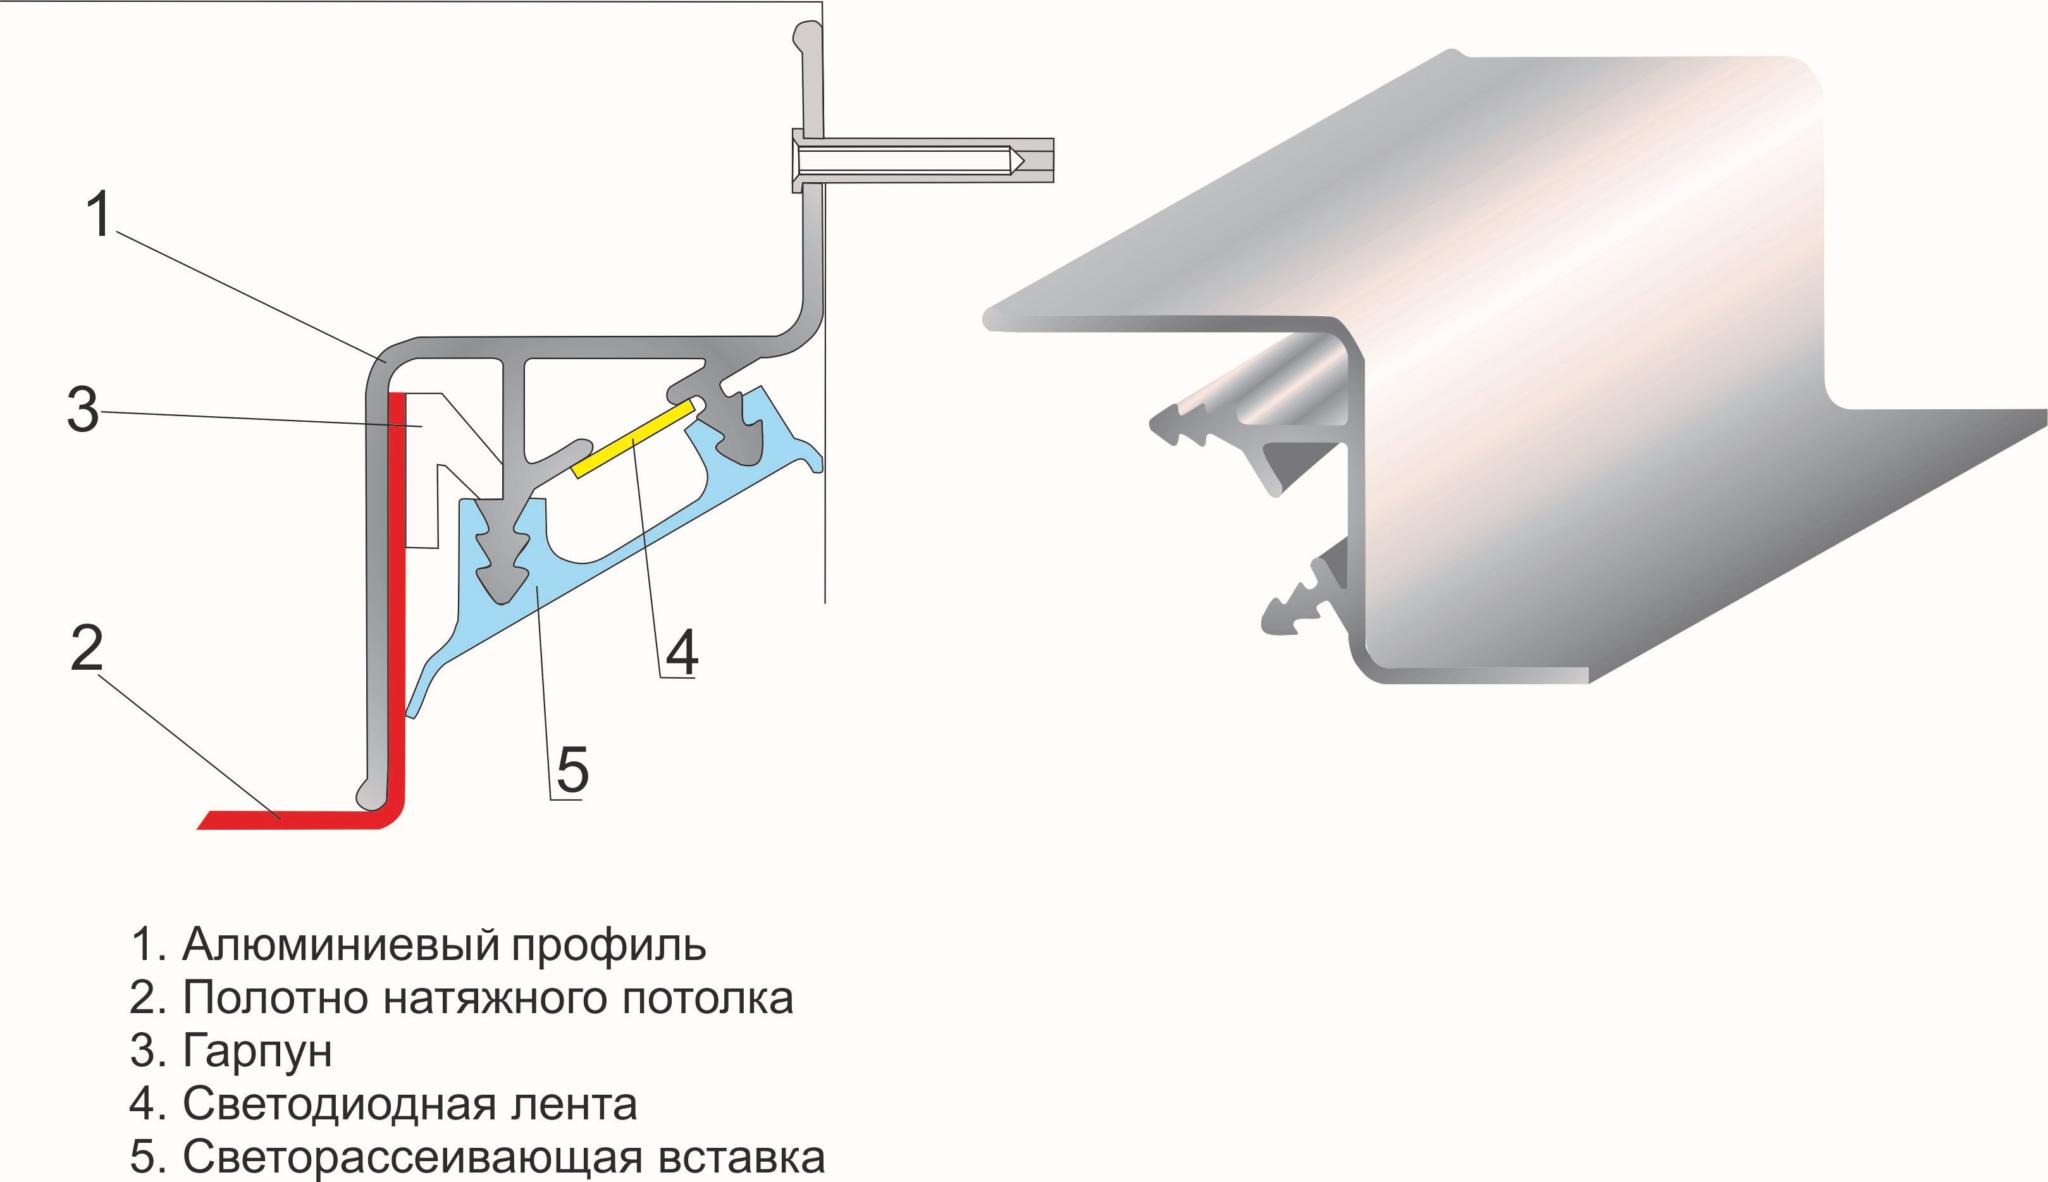 На сколько опускается натяжной потолок: расстояние между перекрытиями и потолком, особенности установки осветительных приборов